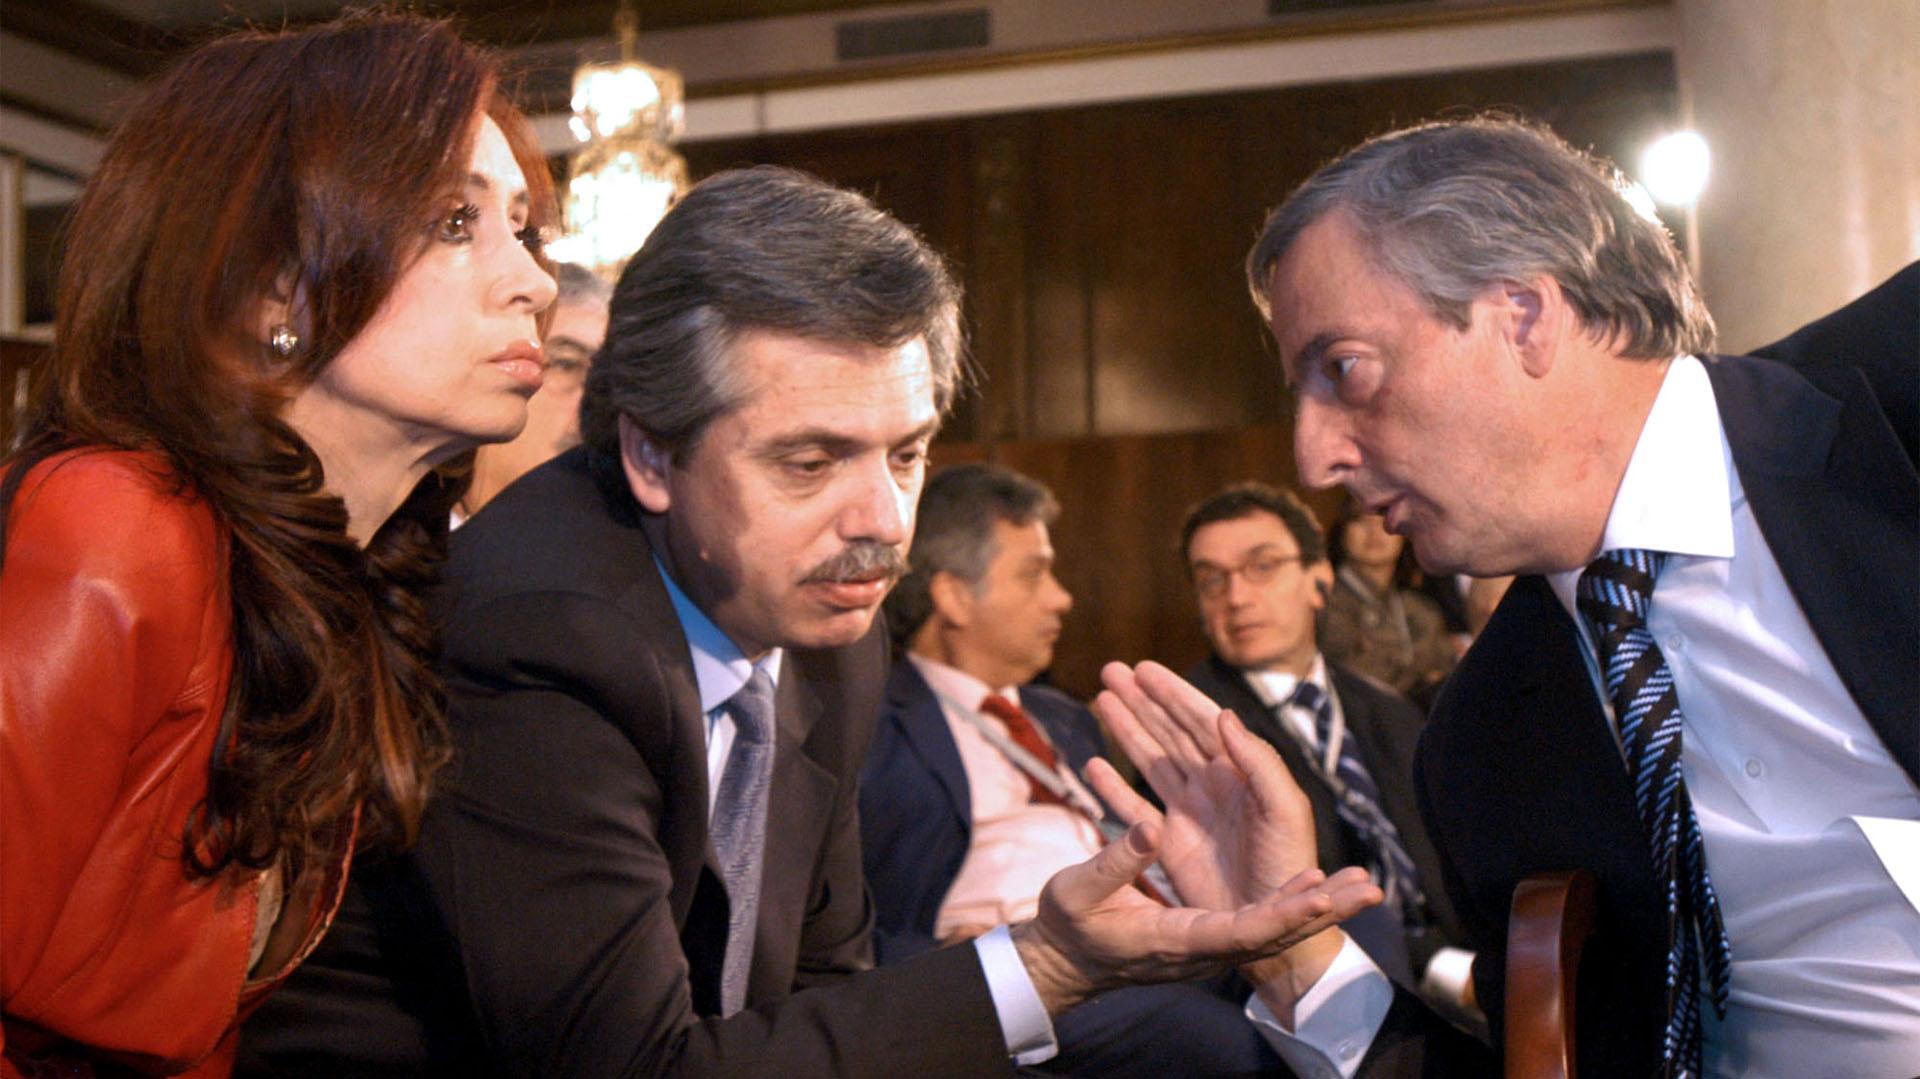 Las 5 medidas económicas de Alberto Fernández que lo hacen más parecido a  Cristina que a Néstor Kirchner - Infobae